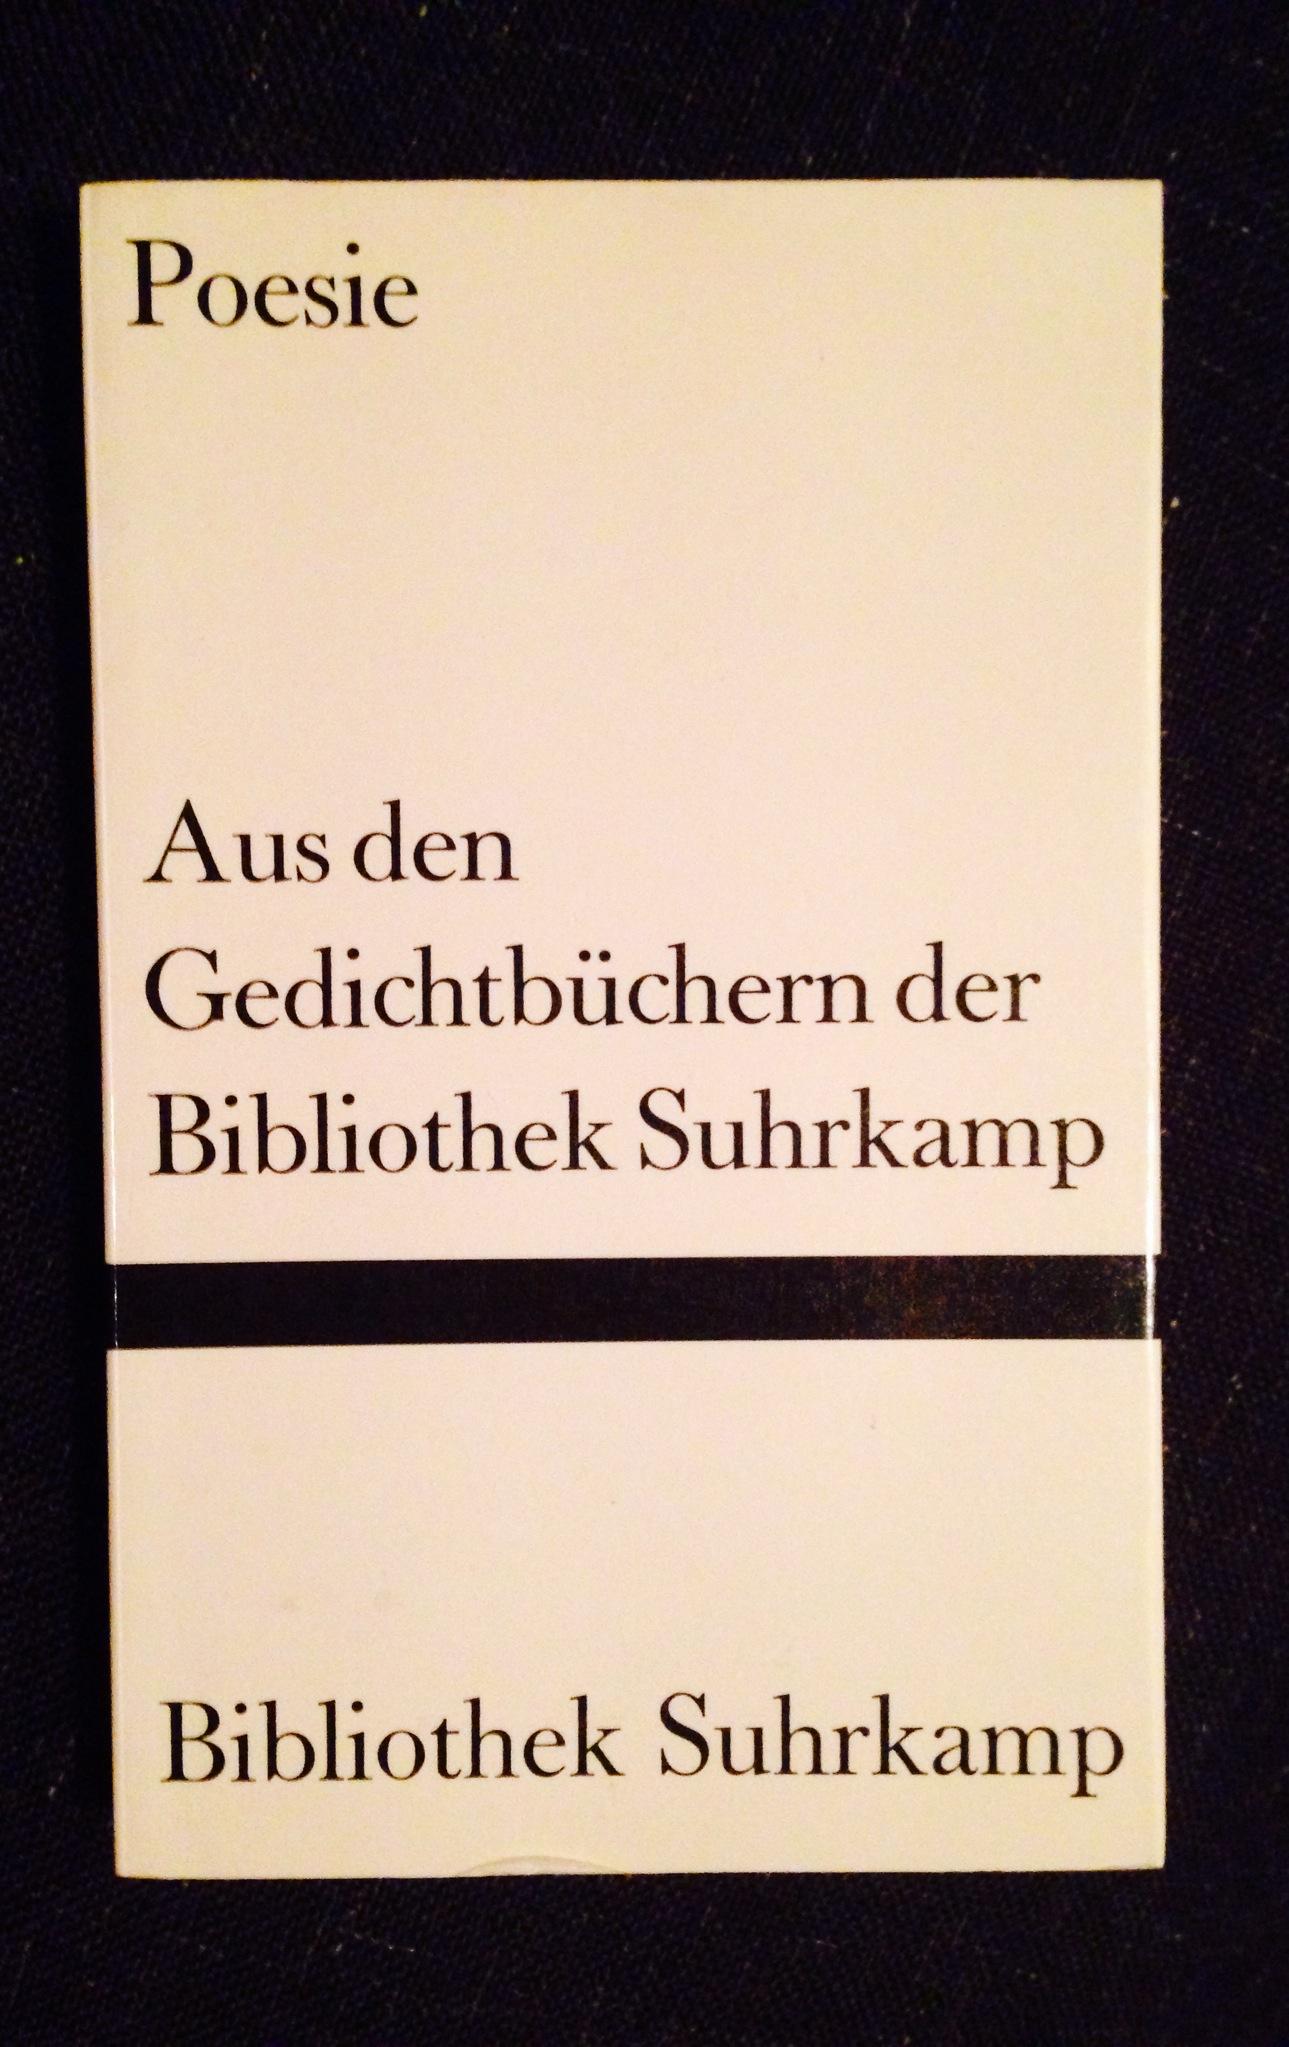 Aus den Gedichtbüchern der Bibliothek Suhrkamp